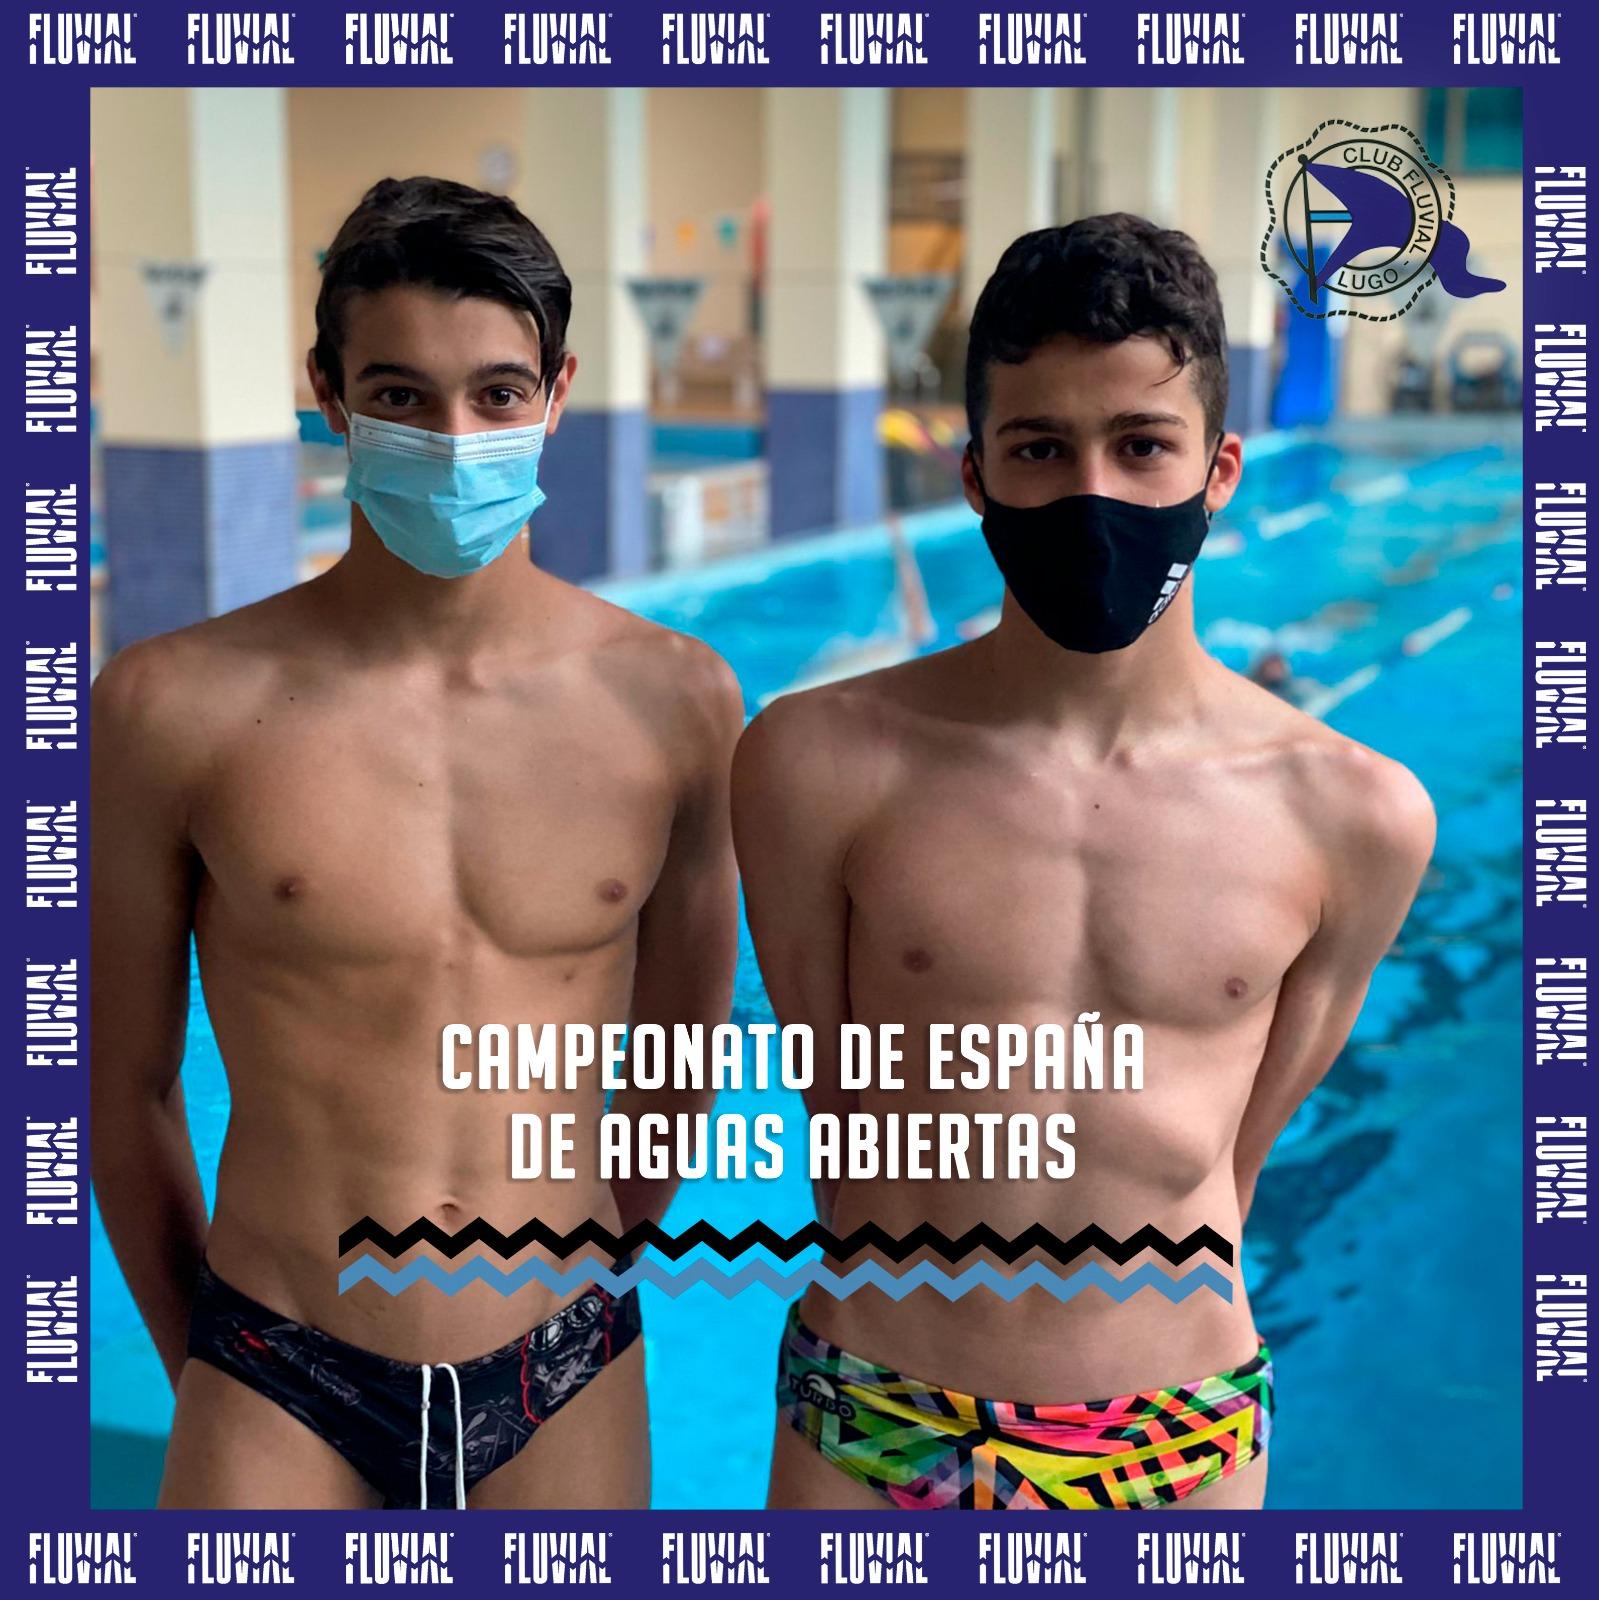 Campionato de España de Augas Abertas